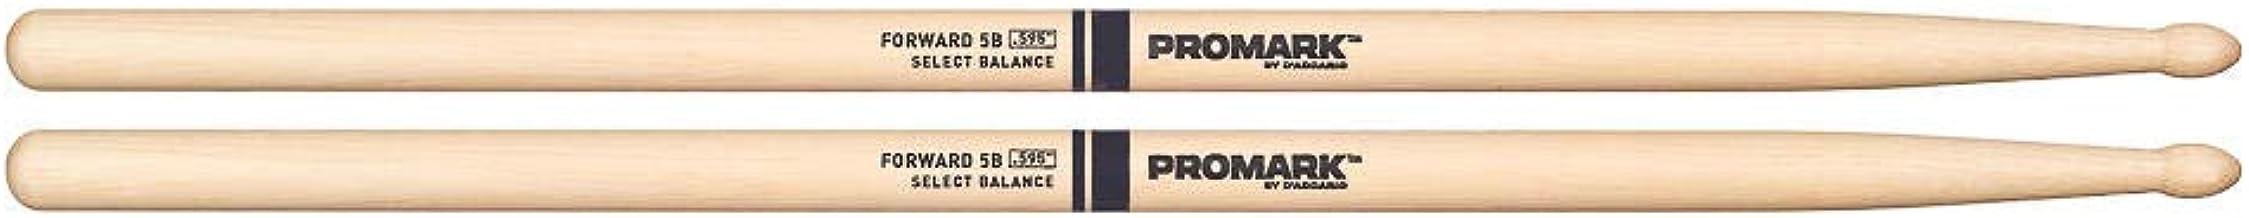 PROMARK プロマーク ドラムスティック セレクトバランス Forward Balance 5B FBH595TW (406 x 15.1mm) 【国内正規品】